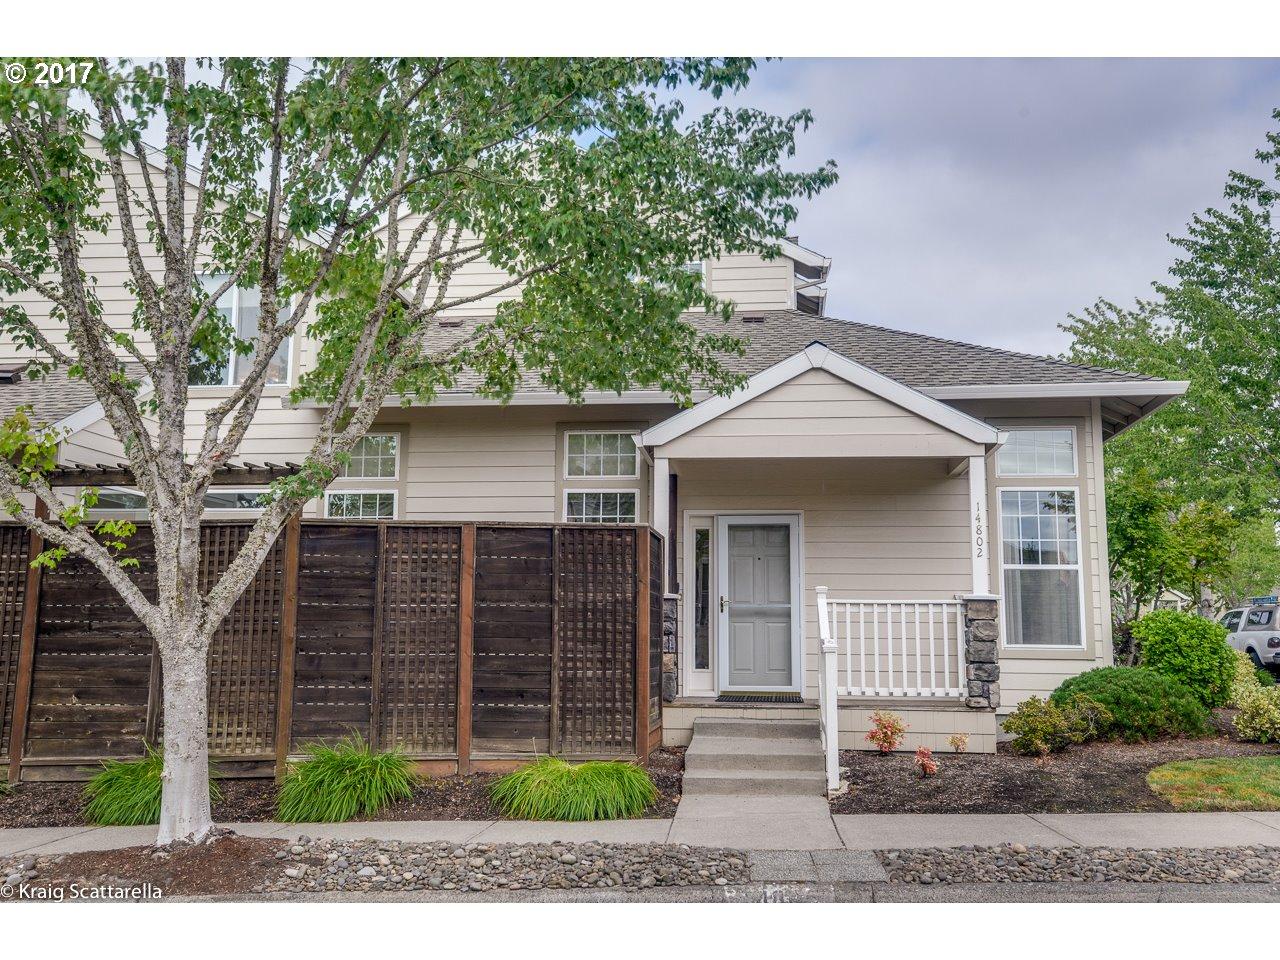 14802 NW DEEJAY LN, Portland, OR 97229